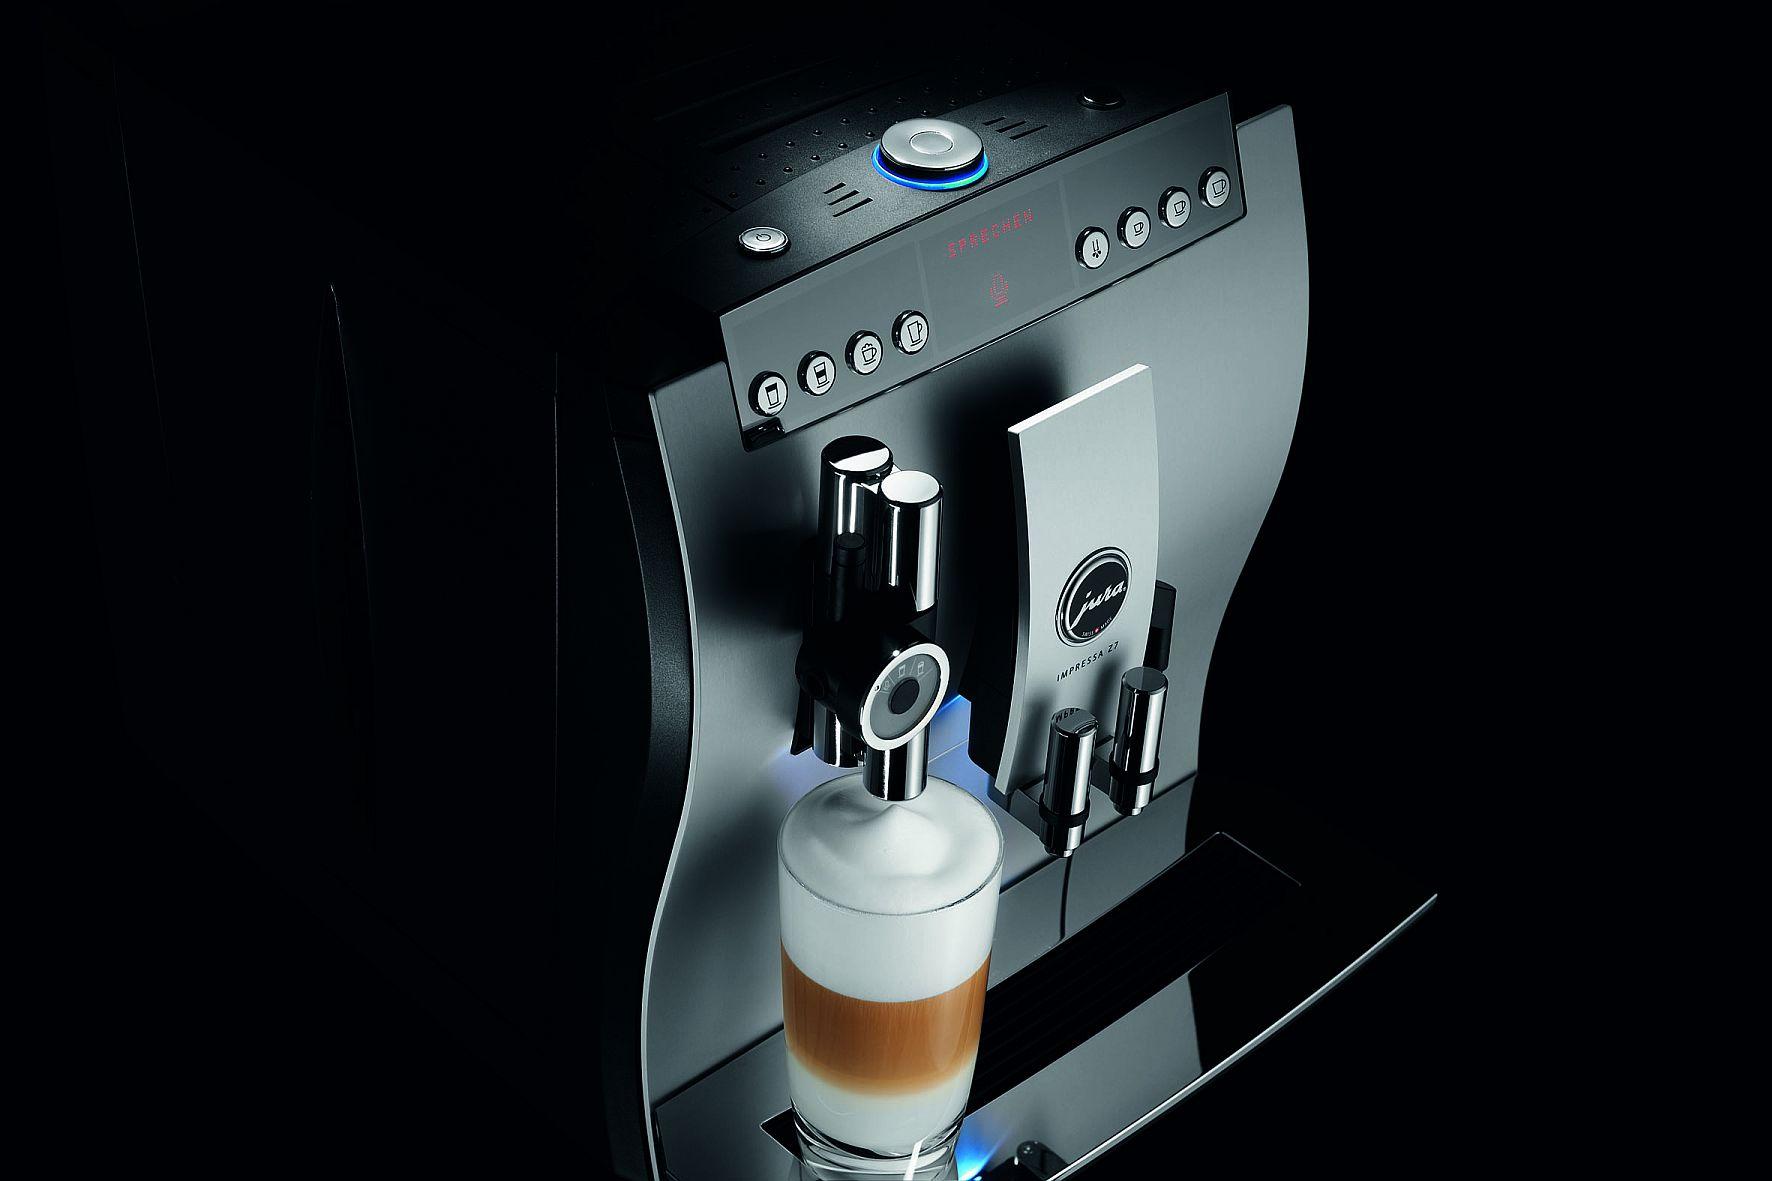 Die Impressa Z7 One Touch Voice bereitet Kaffeespezialitäten auf Sprachbefehl hin